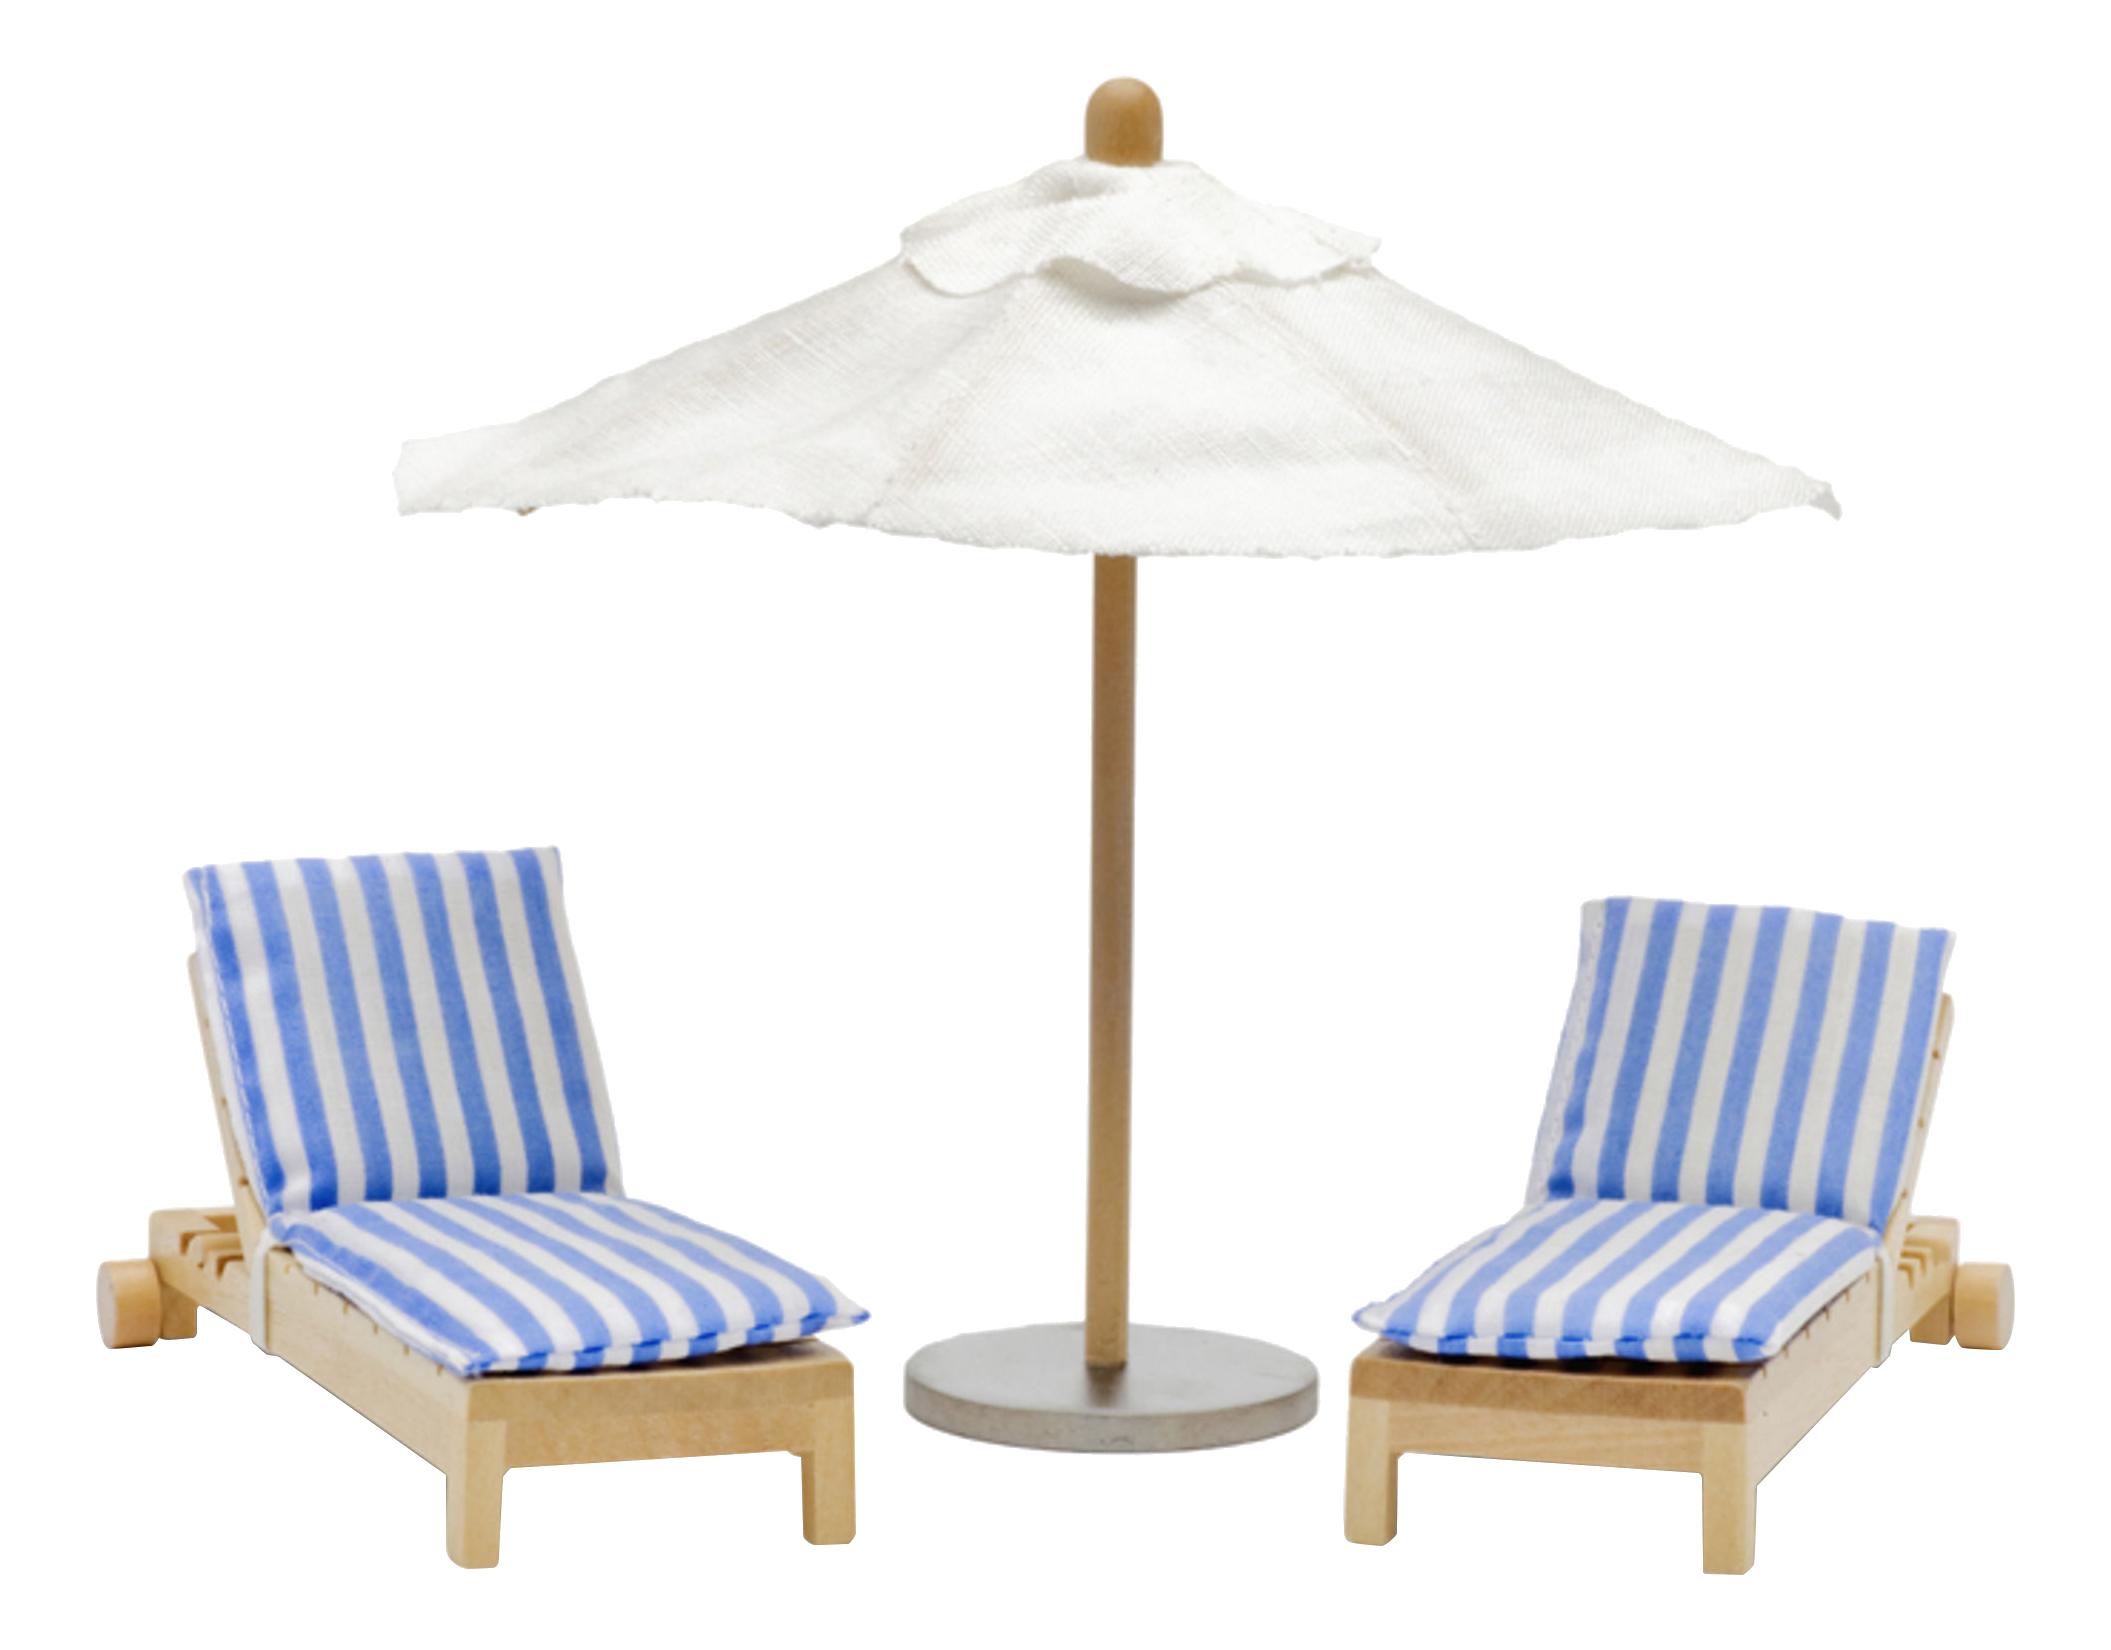 Шезлонги с зонтиком LB_60904800 для домиков Lundby фото